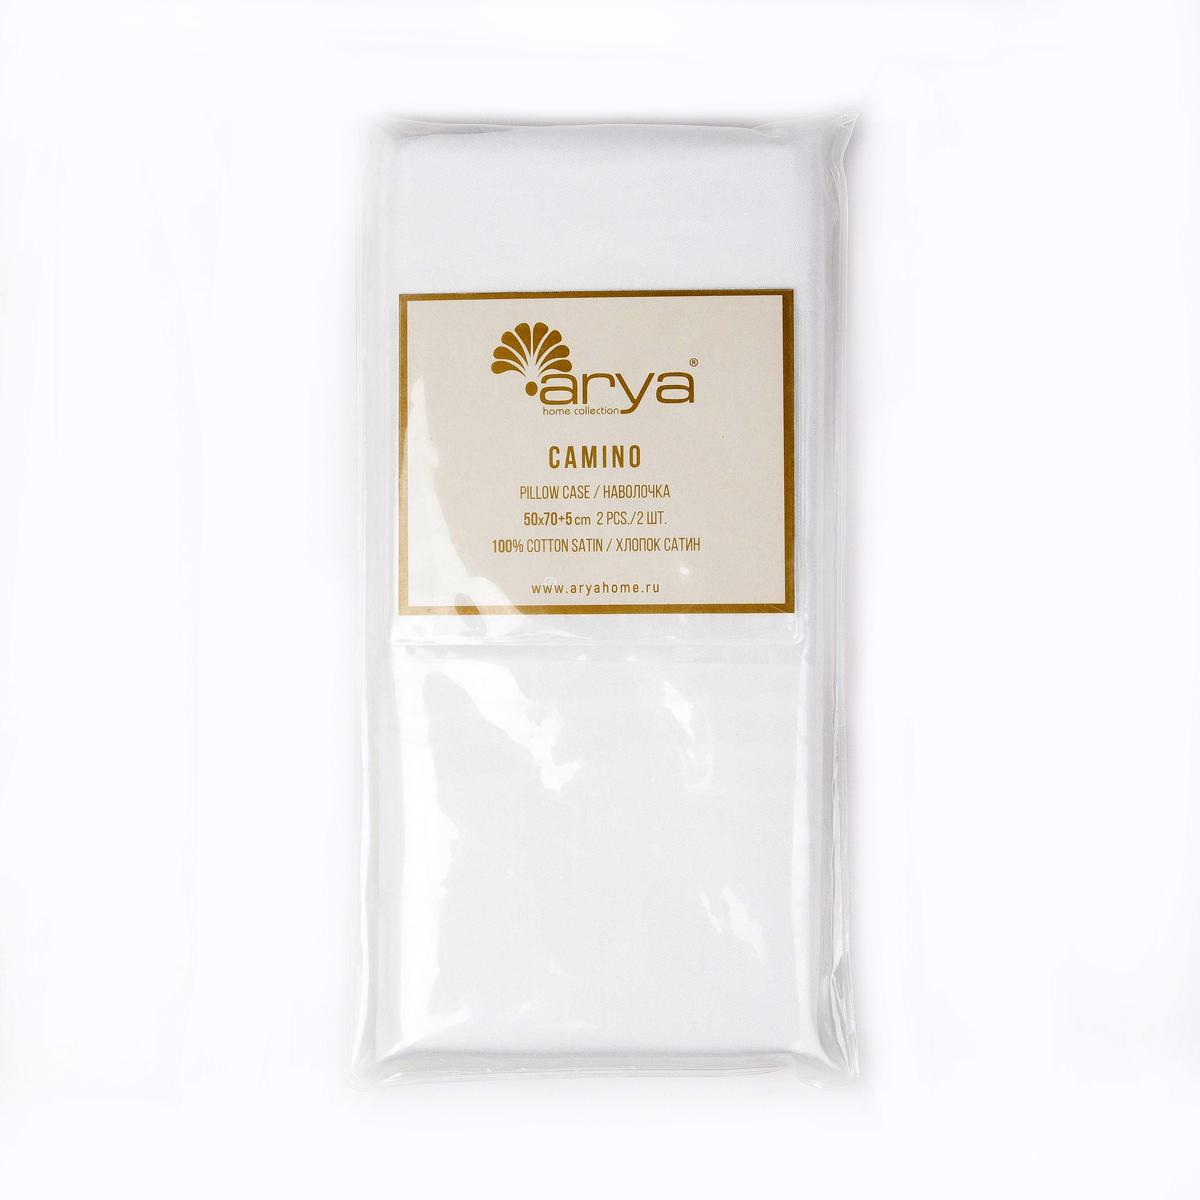 Купить Наволочки Arya, Наволочка Camino Цвет: Белый (70х70 (2 шт)), Турция, Хлопковый сатин